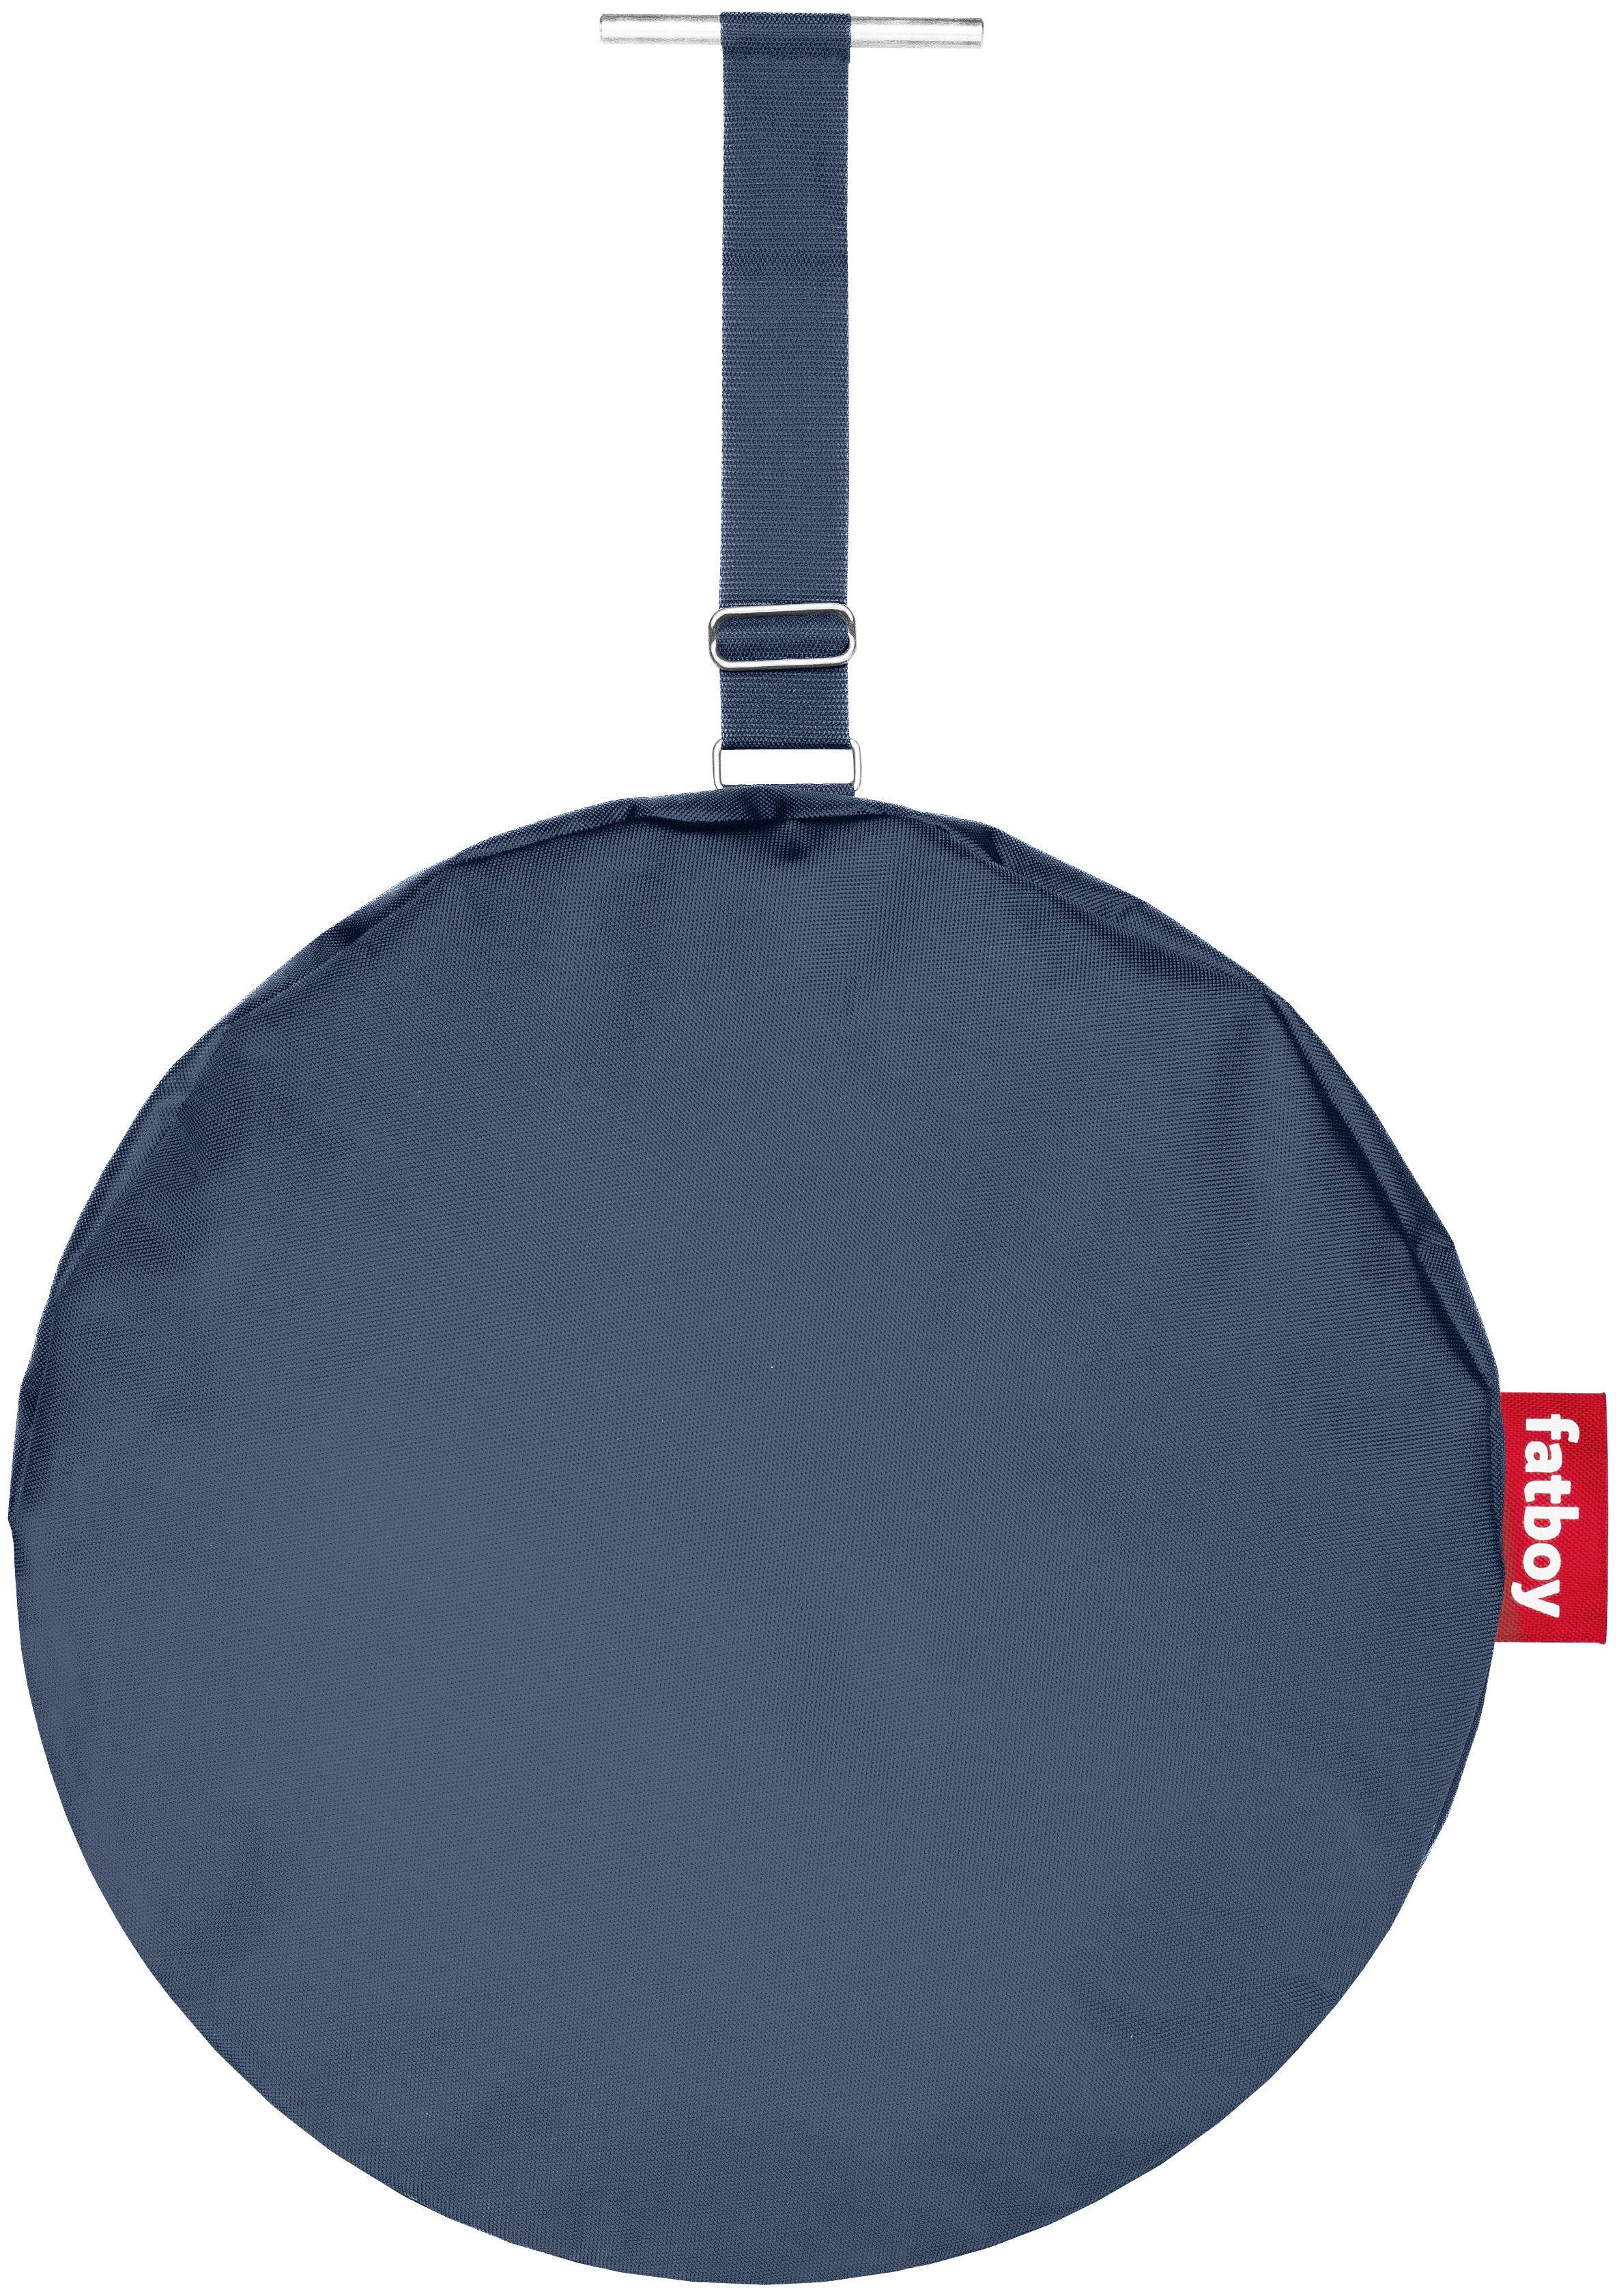 Coussin d 39 ext rieur pour hamac headdemock bleu fonc fatboy - Coussin exterieur fatboy ...